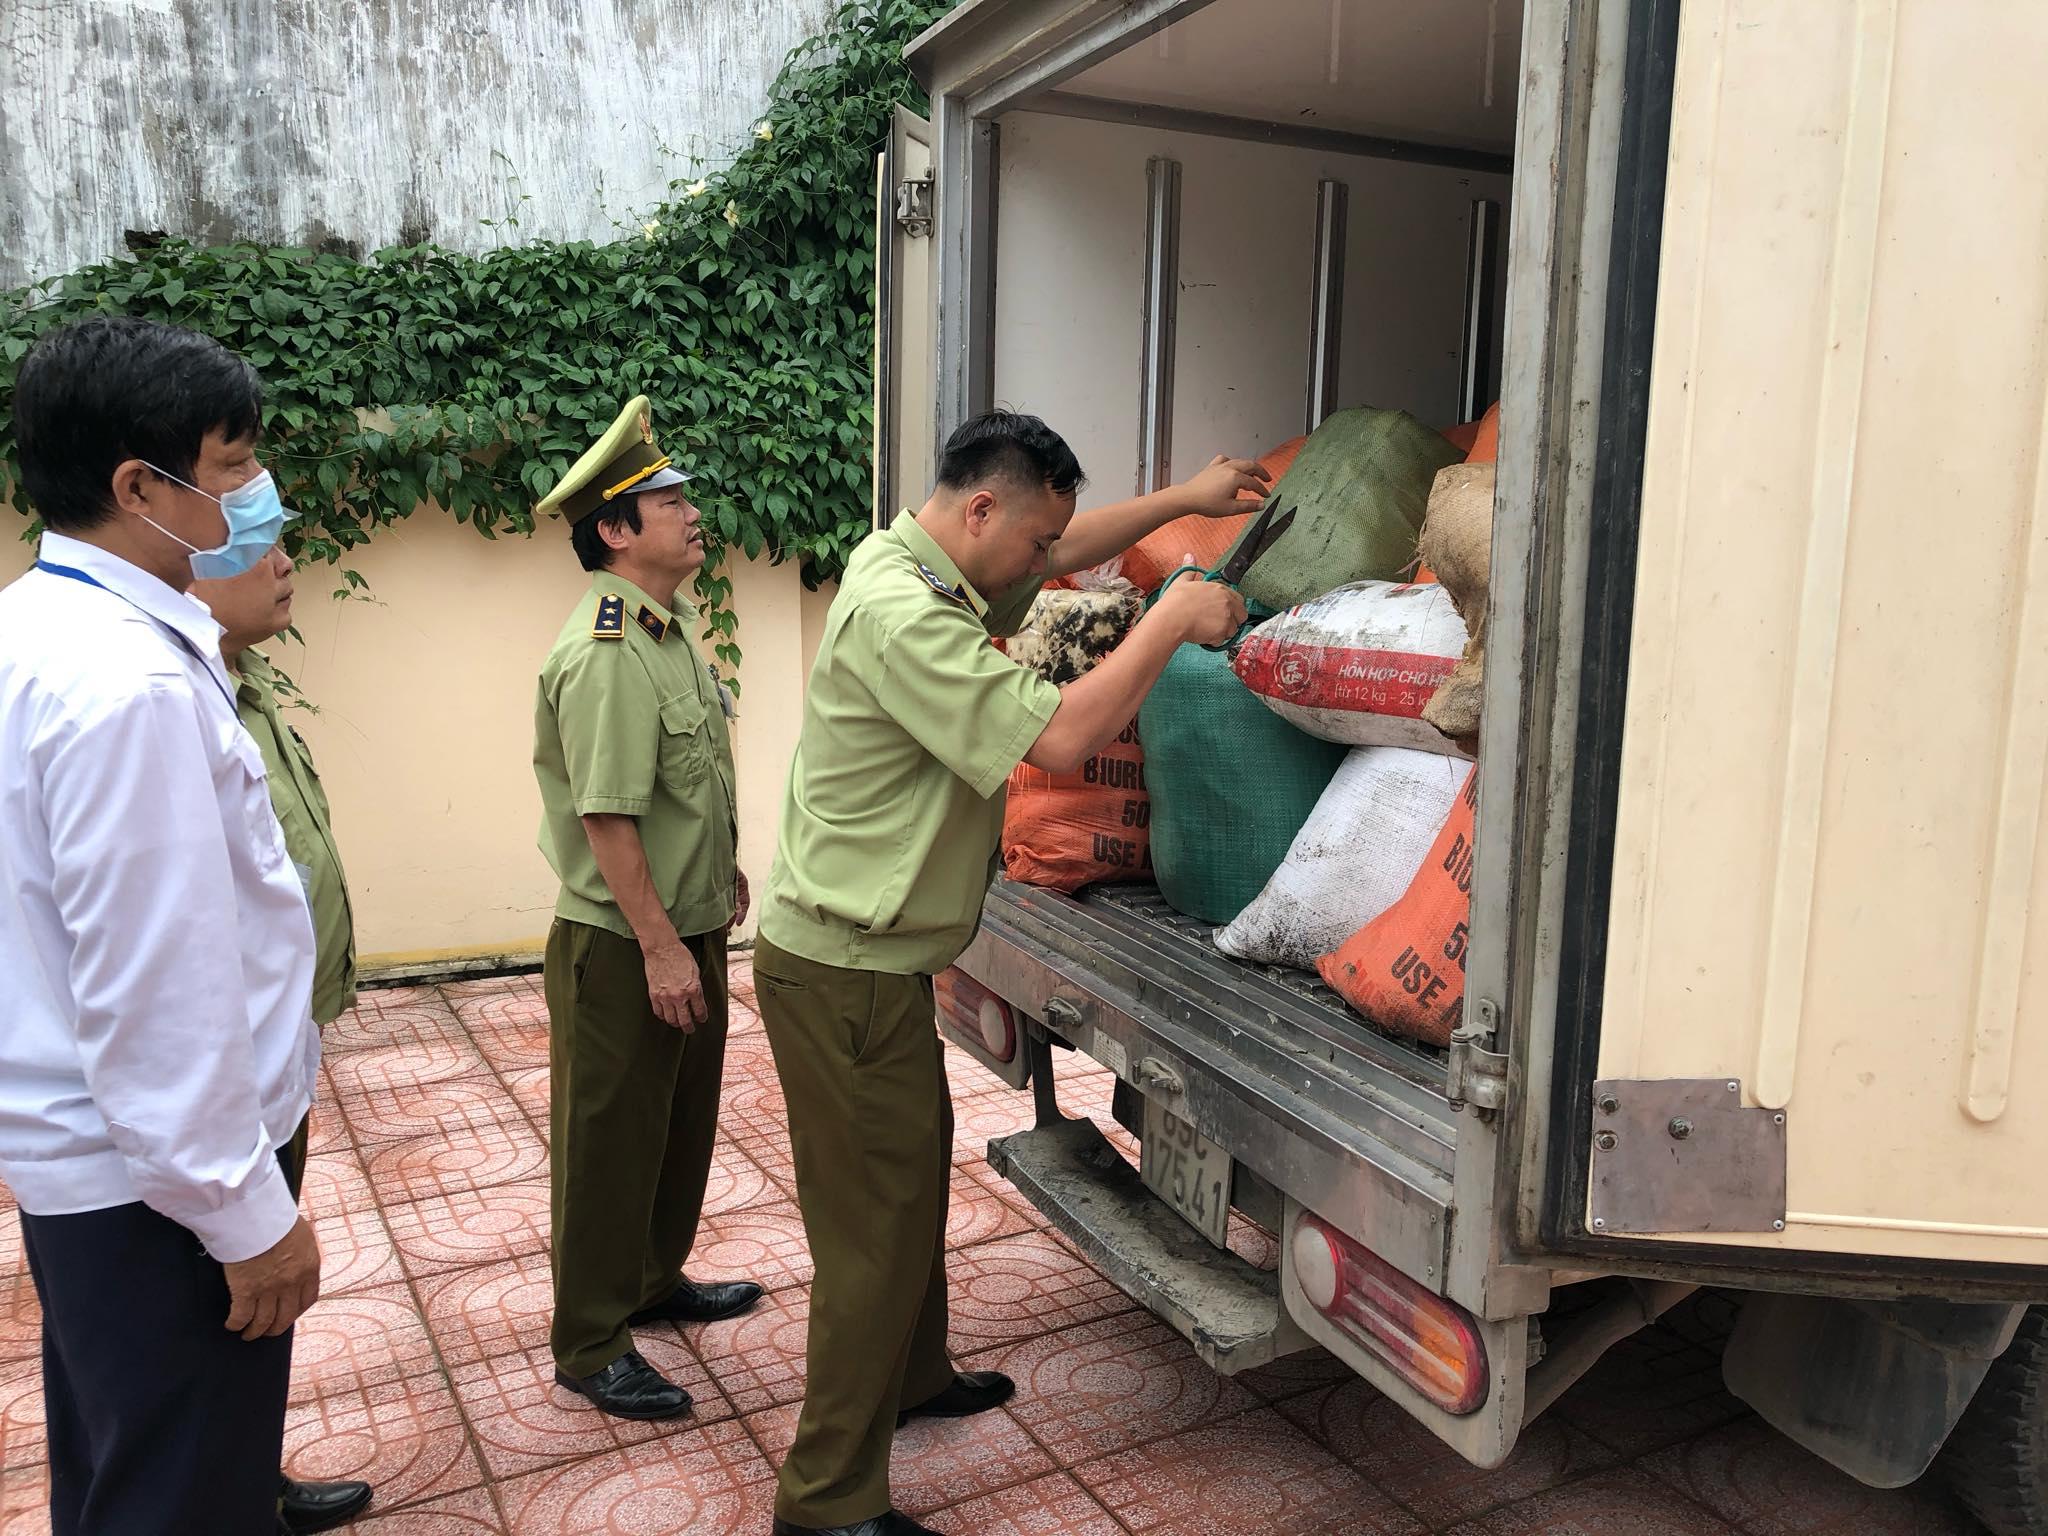 Cục QLTT tỉnh Hà Tĩnh: Đội QLTT số 6 phát hiện và tiêu hủy 1.180 kg mỡ động vật hôi thối